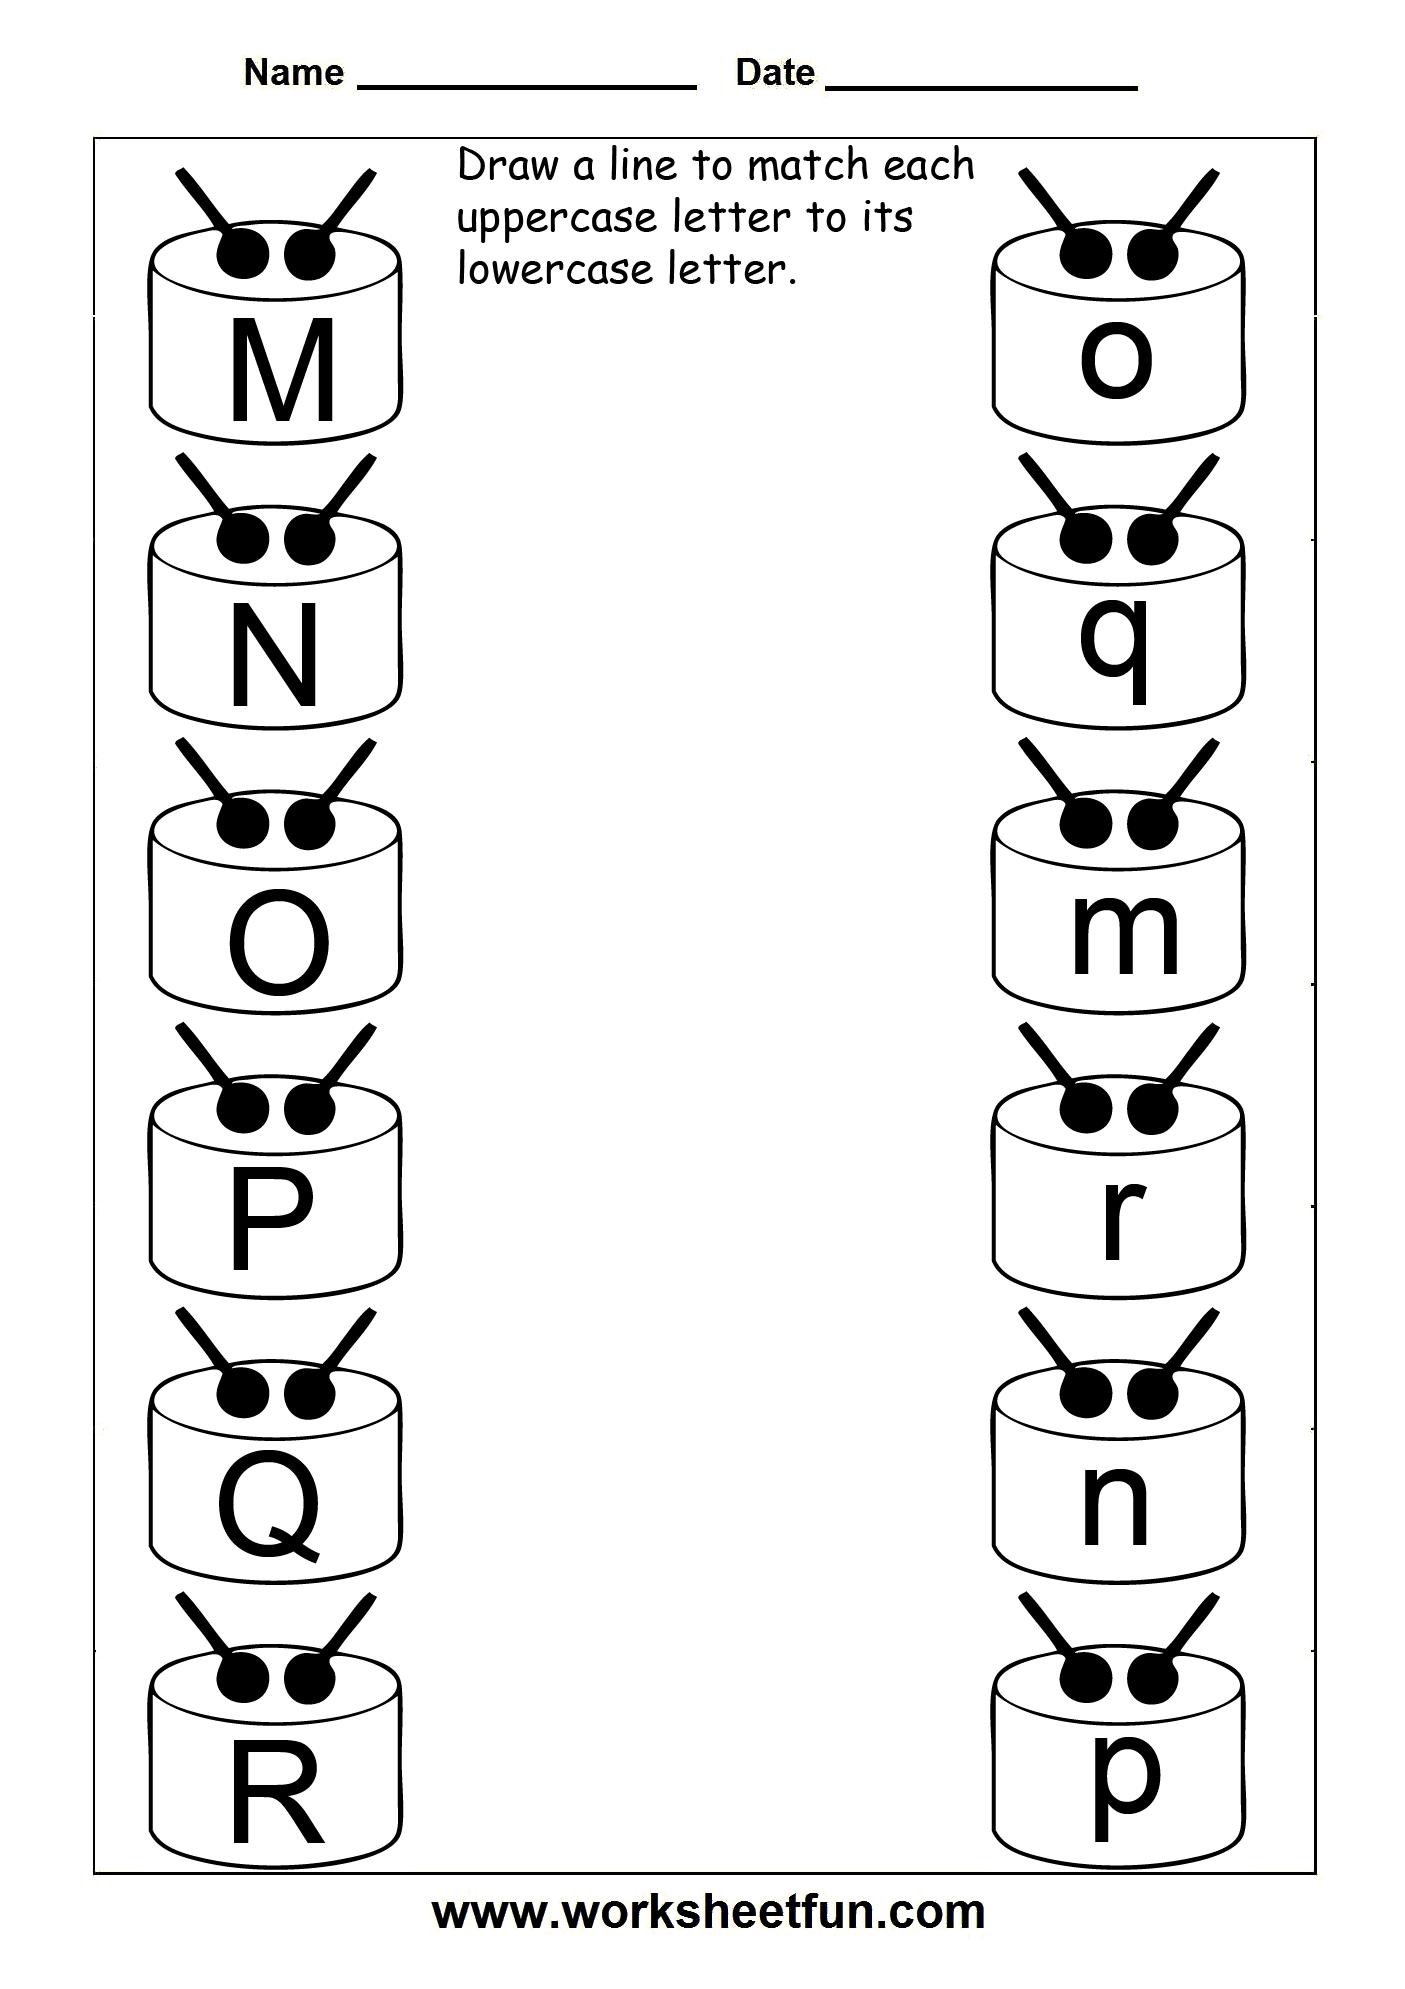 Letter Match Worksheets For Preschoolers 183838